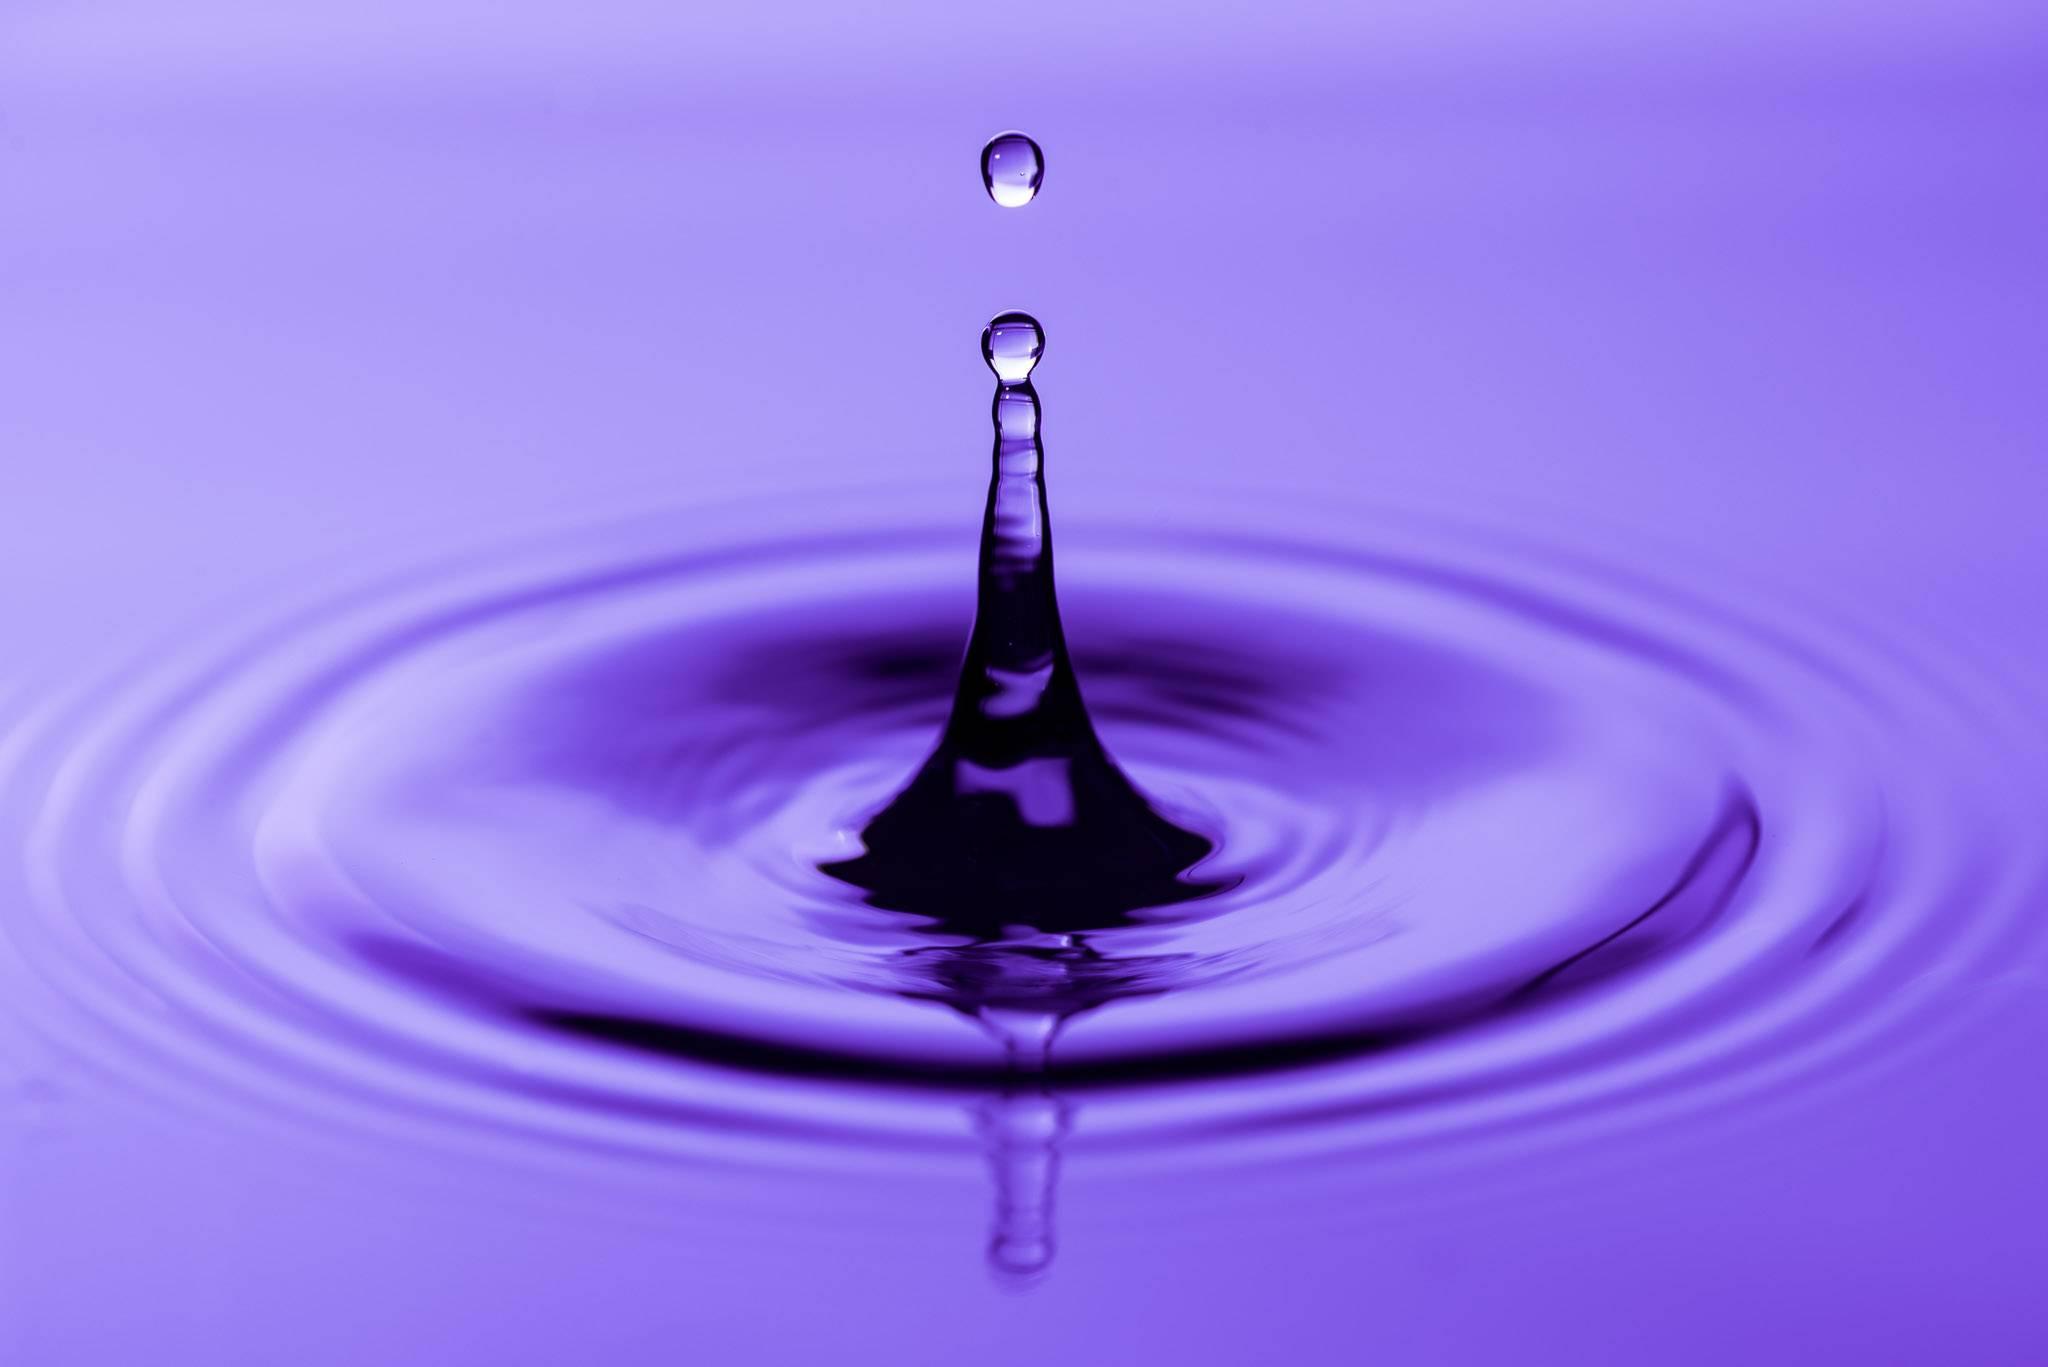 Dråbe i vandet - viser hypnose